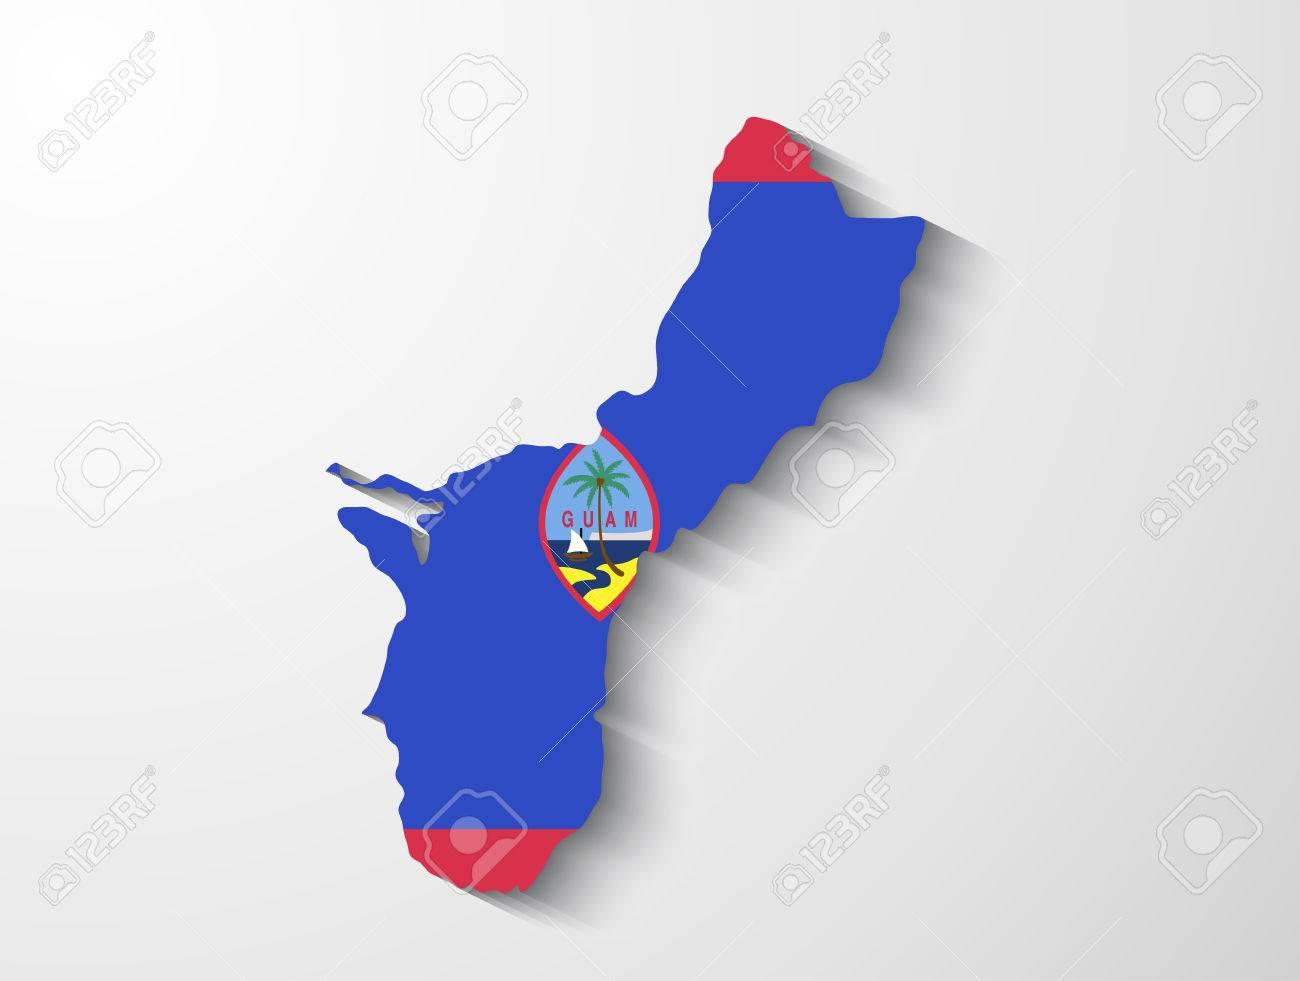 シャドウ効果のプレゼンテーションとグアムの国の地図